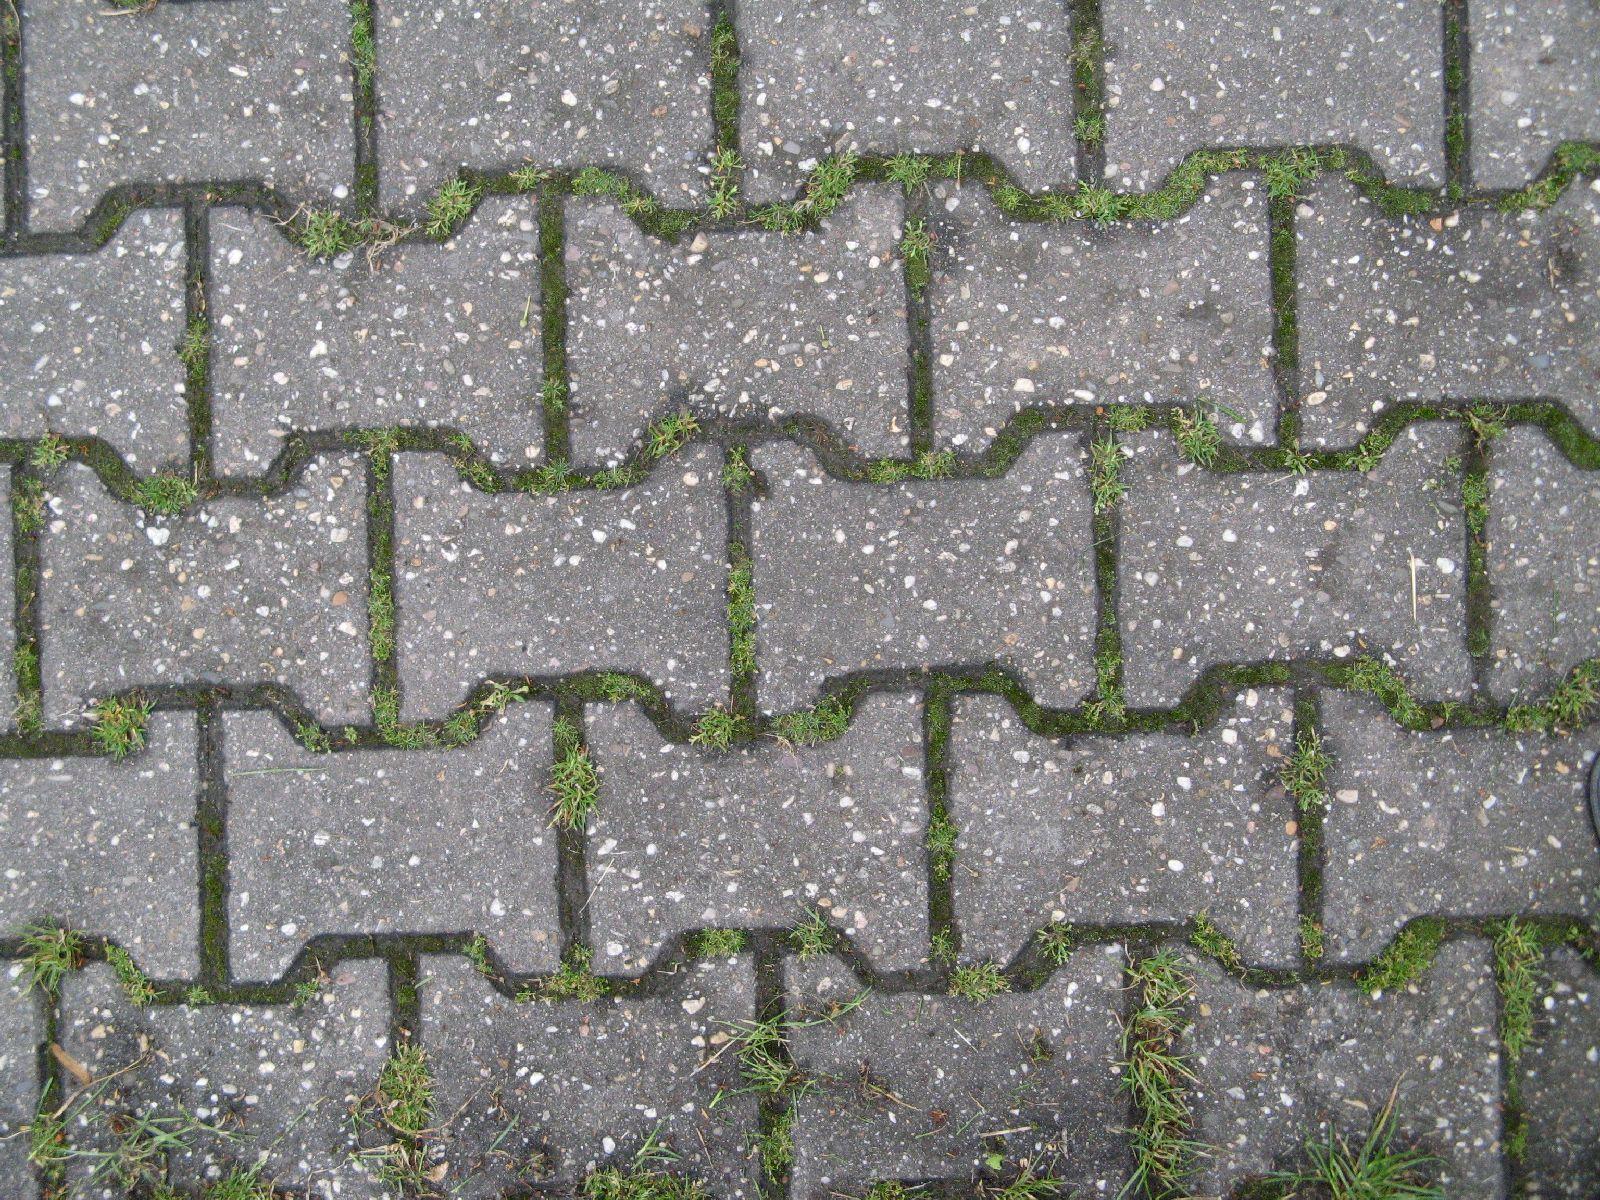 Boden-Gehweg-Strasse-Buergersteig-Textur_B_0500